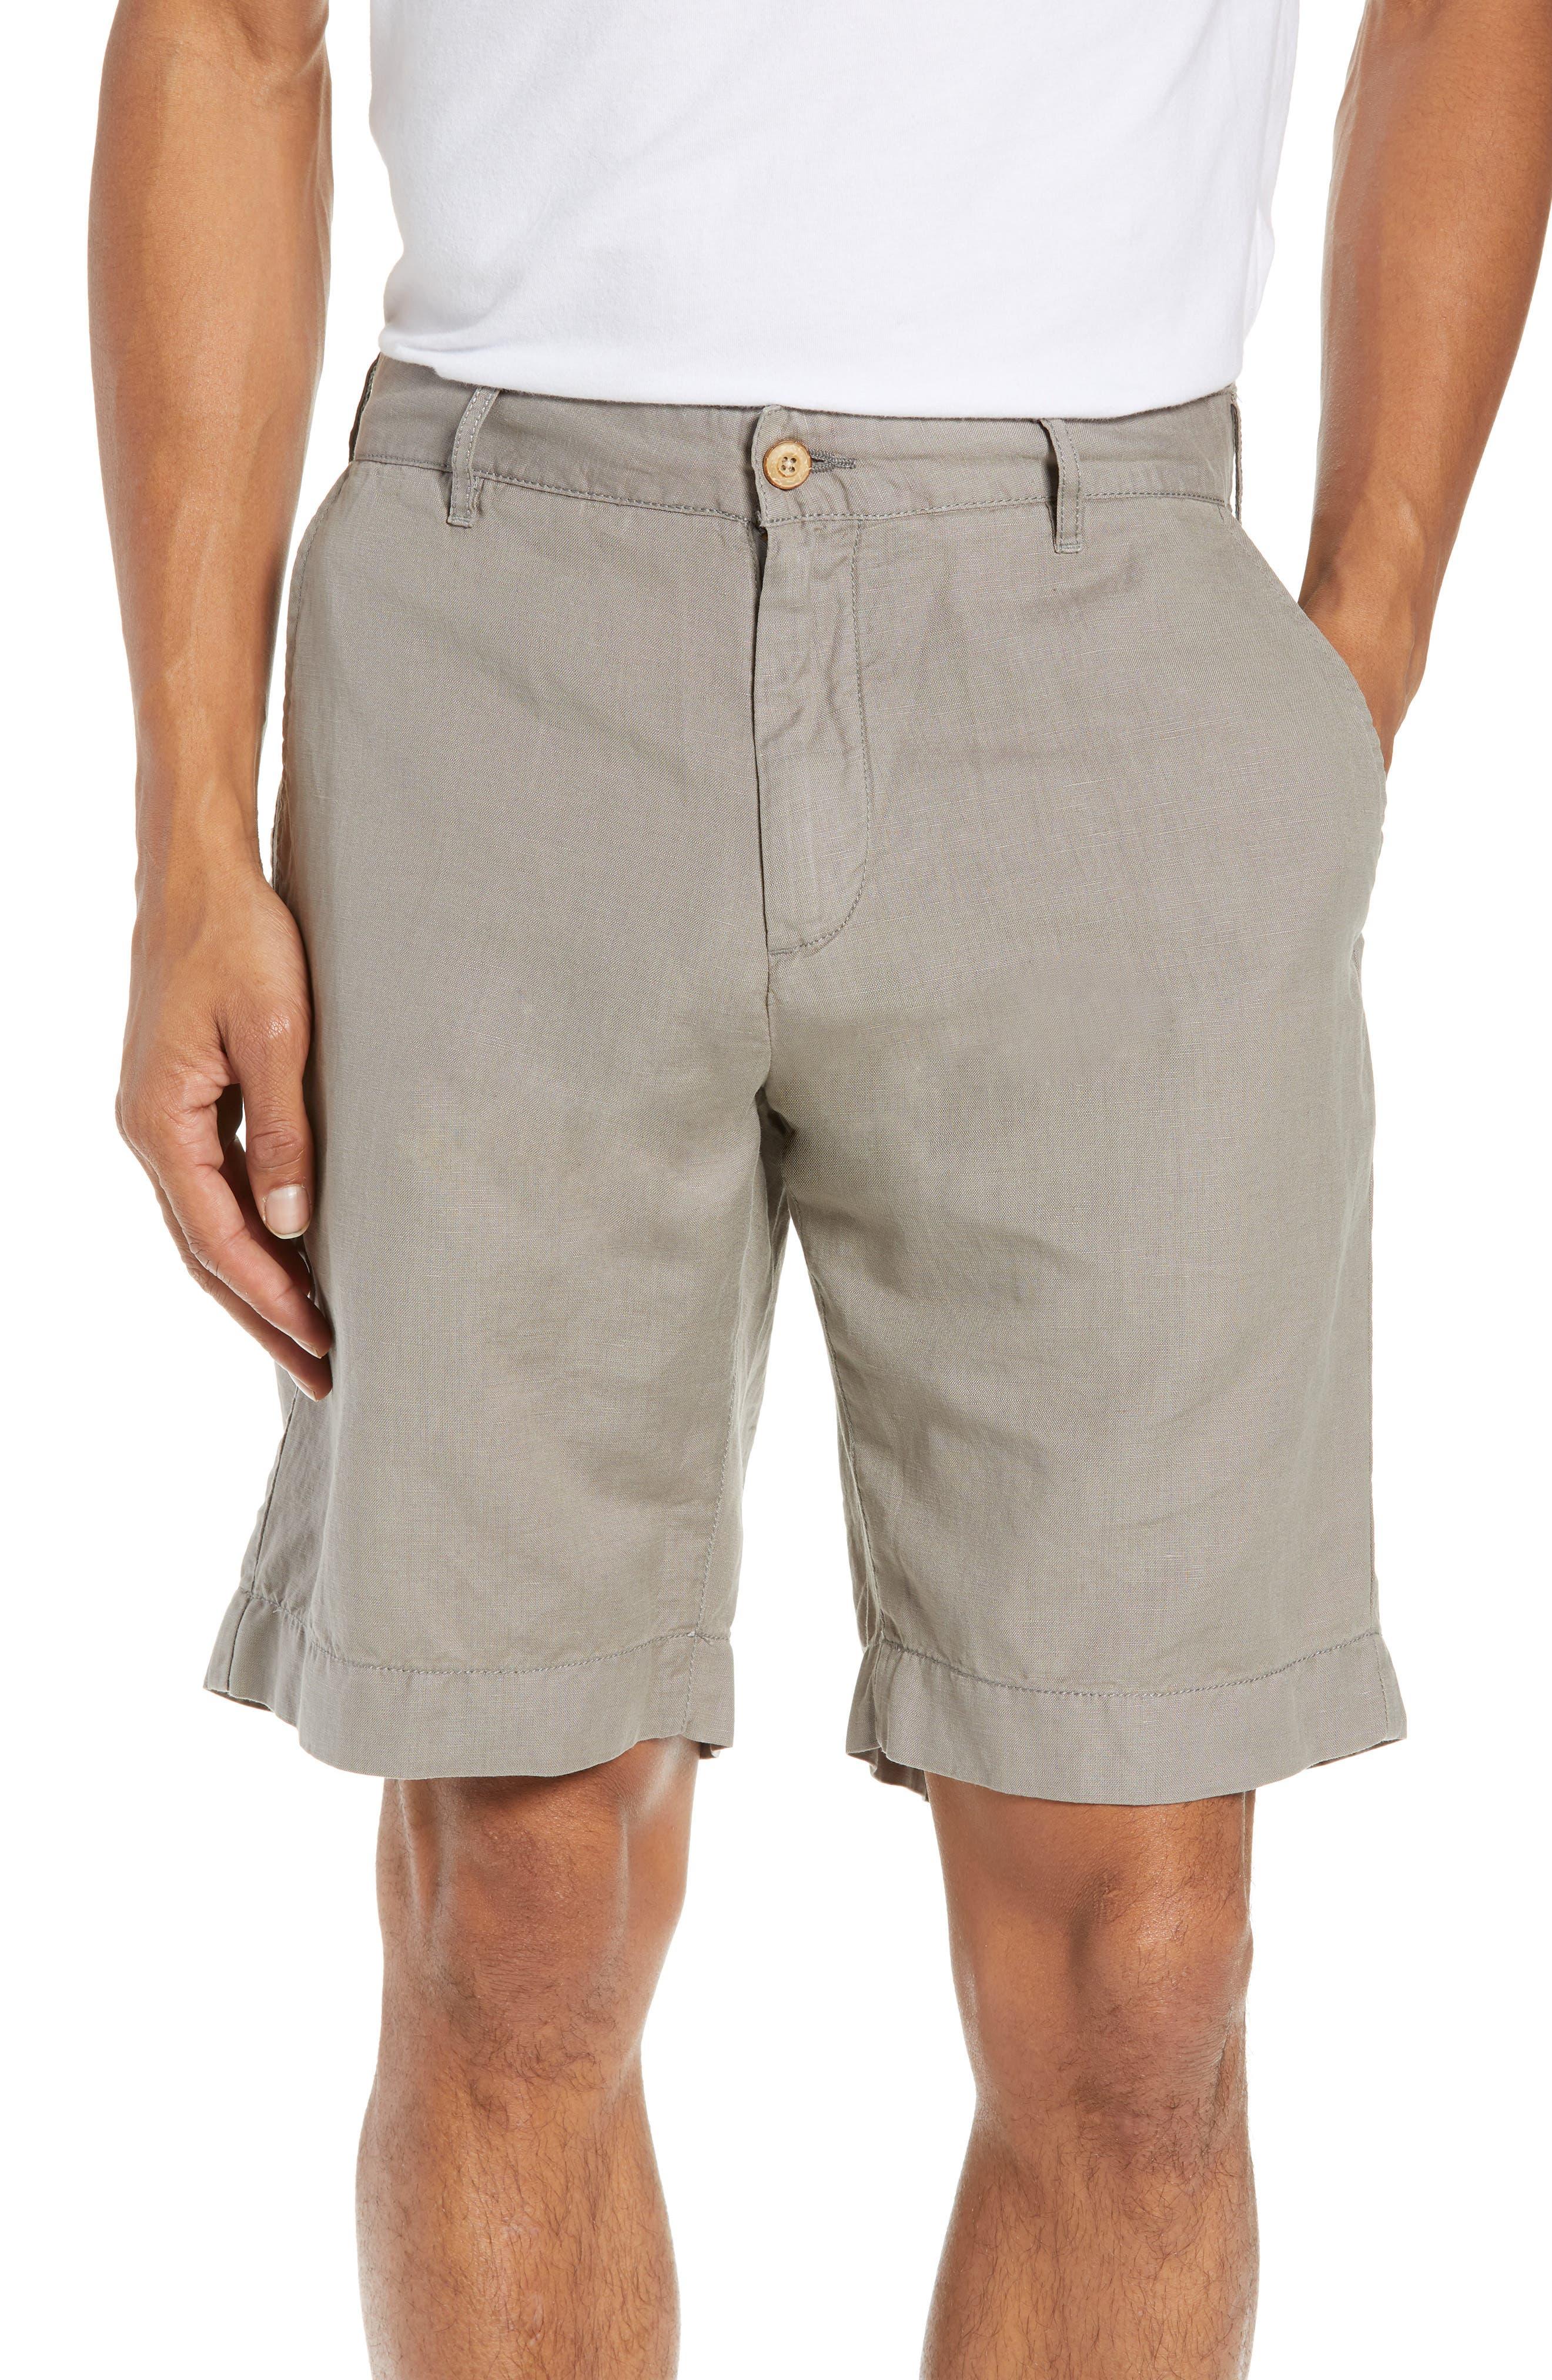 Malibu Shorts,                             Main thumbnail 1, color,                             GREY